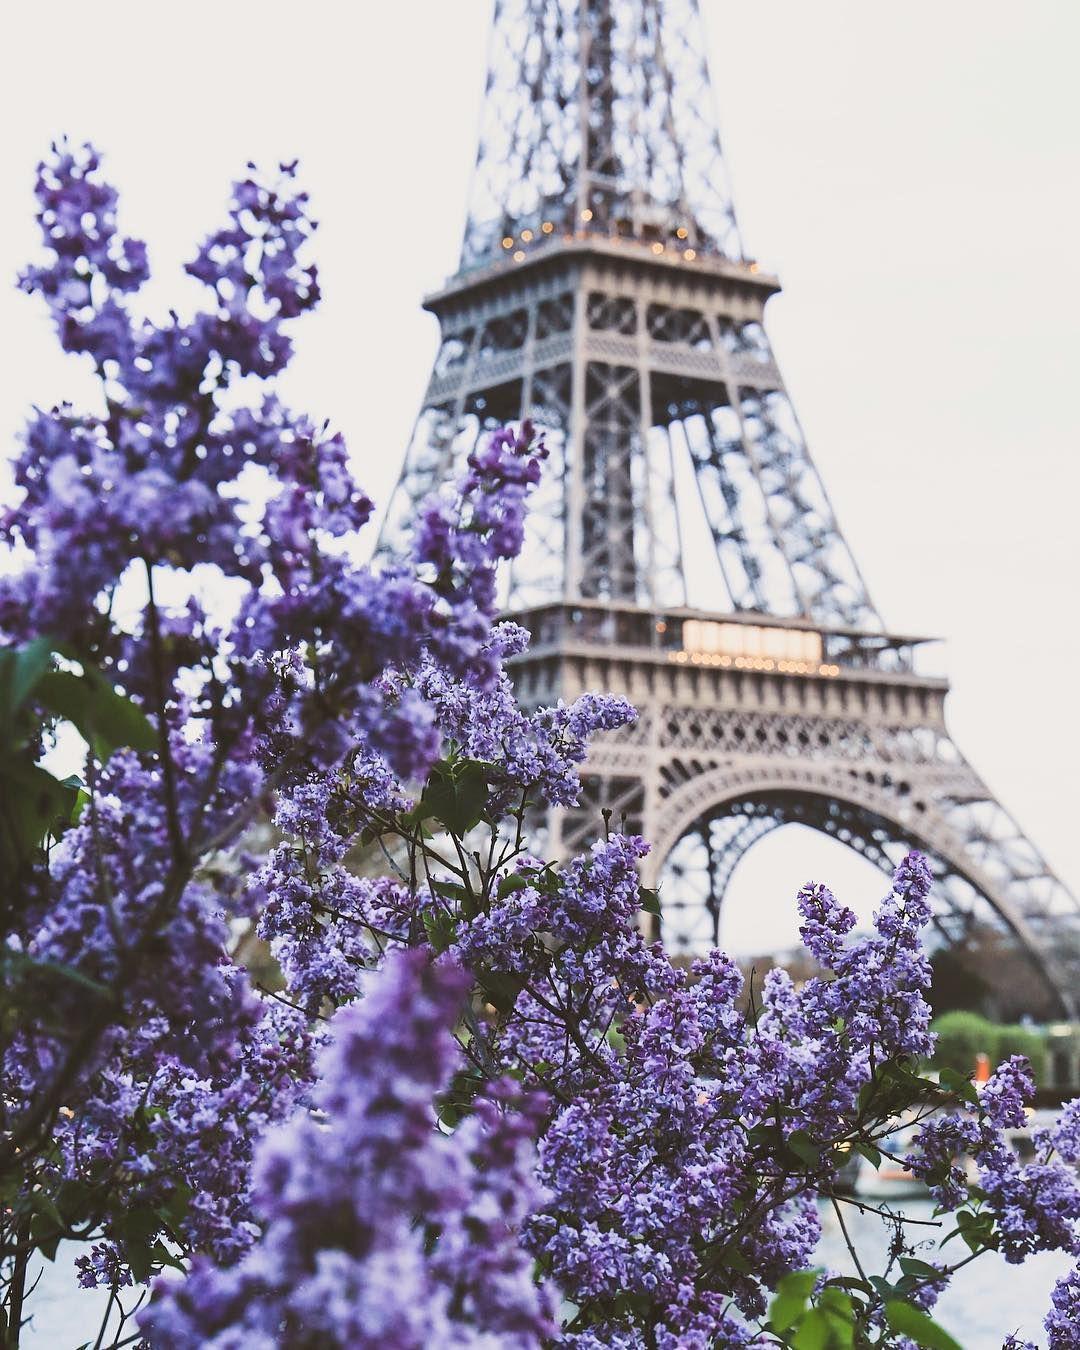 Paris The Eiffel Tower And Purple Flowers Dreamy Shot Fotografia De Paisagem Wallpapers Paisagens Lindas Paisagens